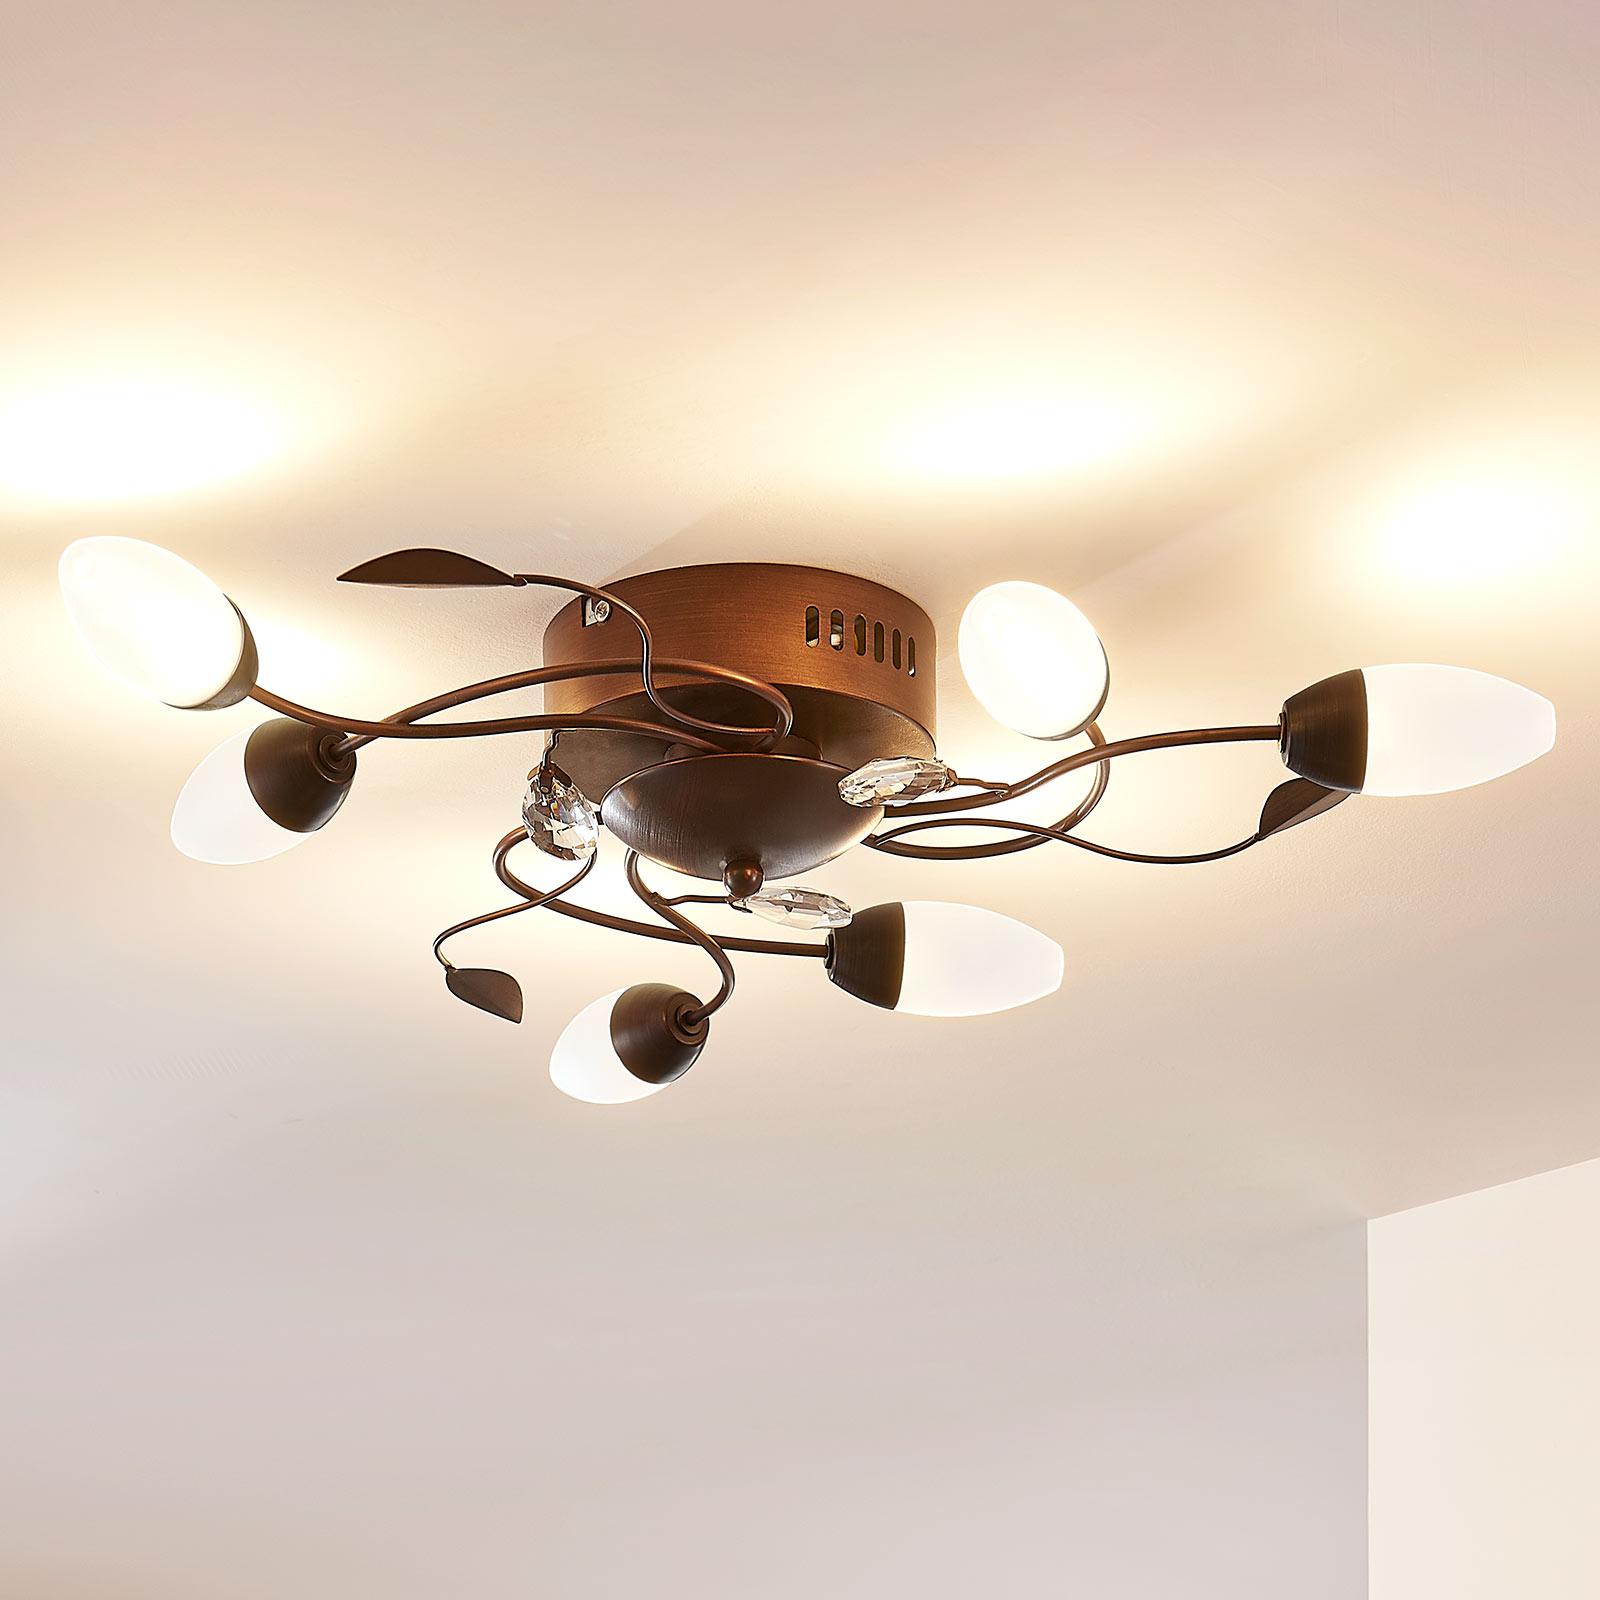 LED-Deckenleuchte Renato, dimmbar, braun, 6-fl.